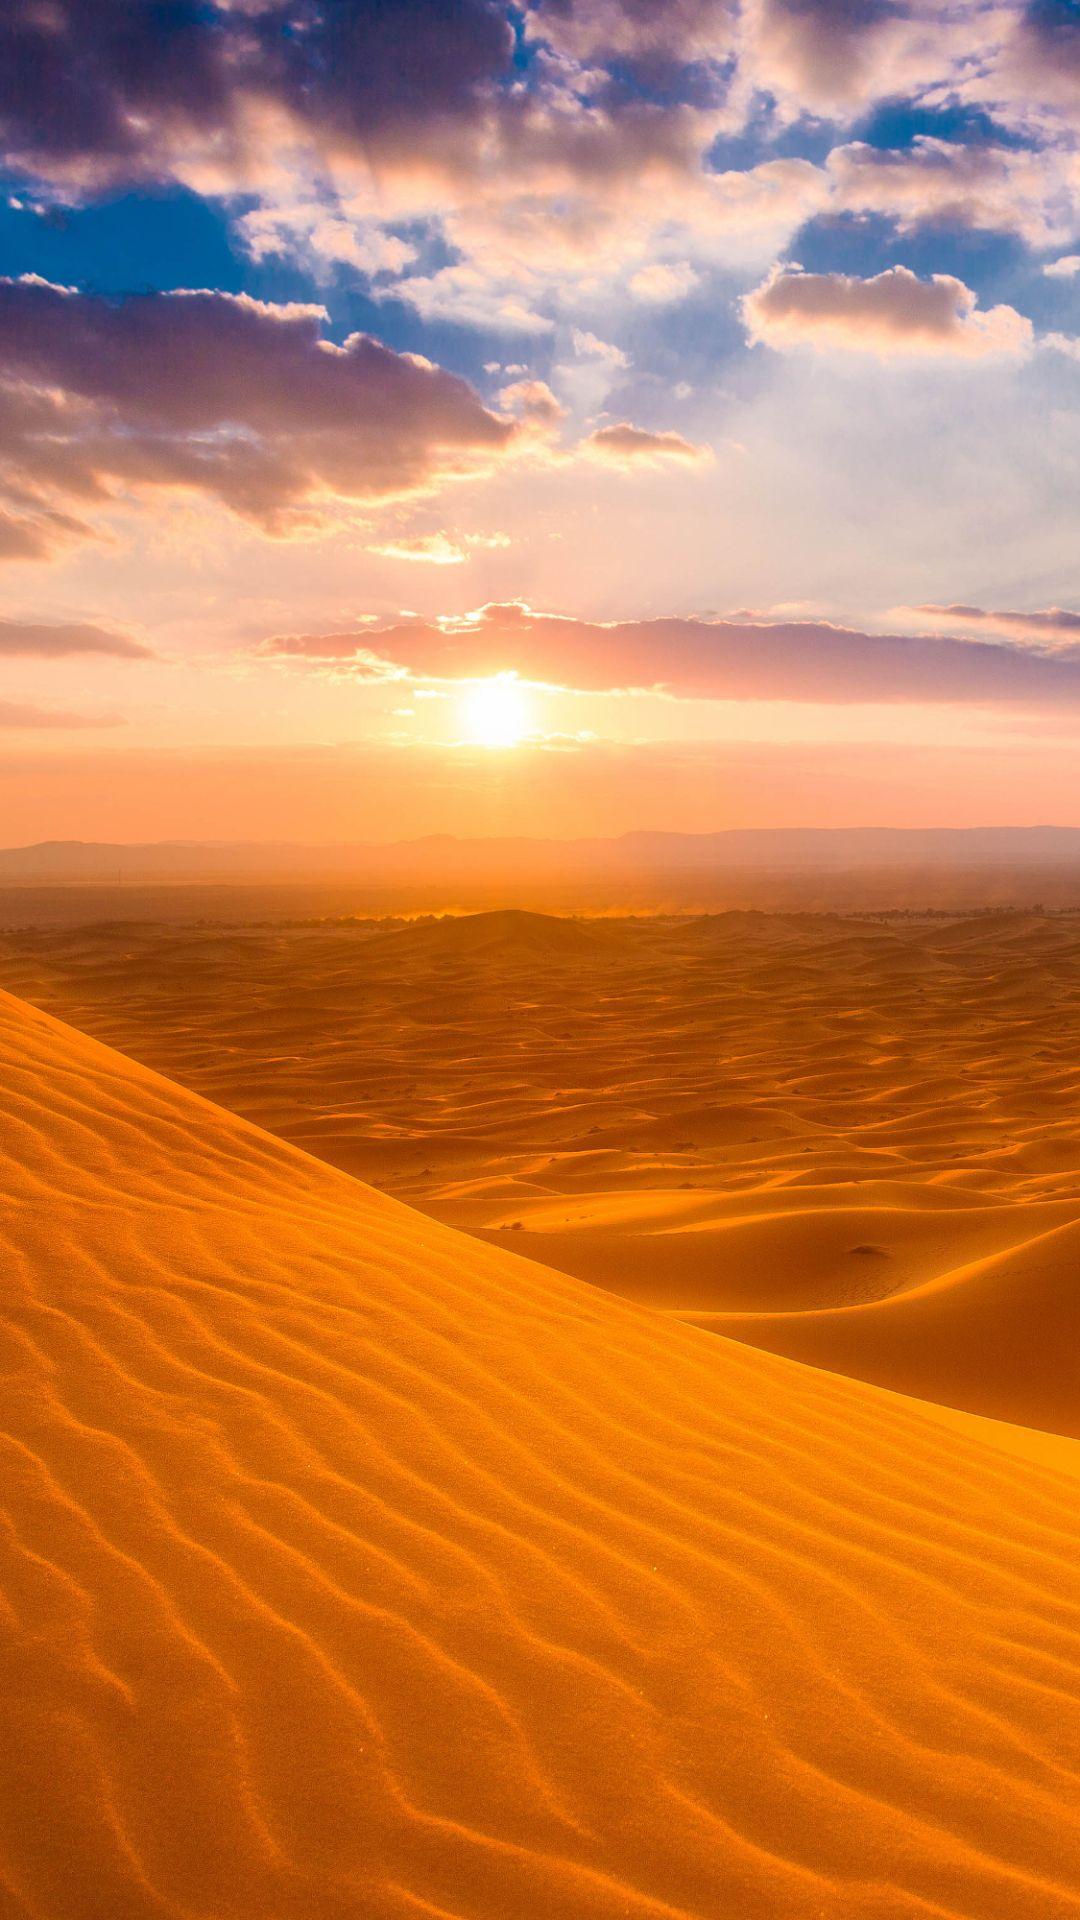 Erg Chebbi Sahara Earth Desert Desert Dune Earth Morocco Sahara Sand Sky Sunset 1080x1920 Mobile Wallpaper Desertos Deserto Lindas Paisagens Hd wallpaper sunset desert dunes sand